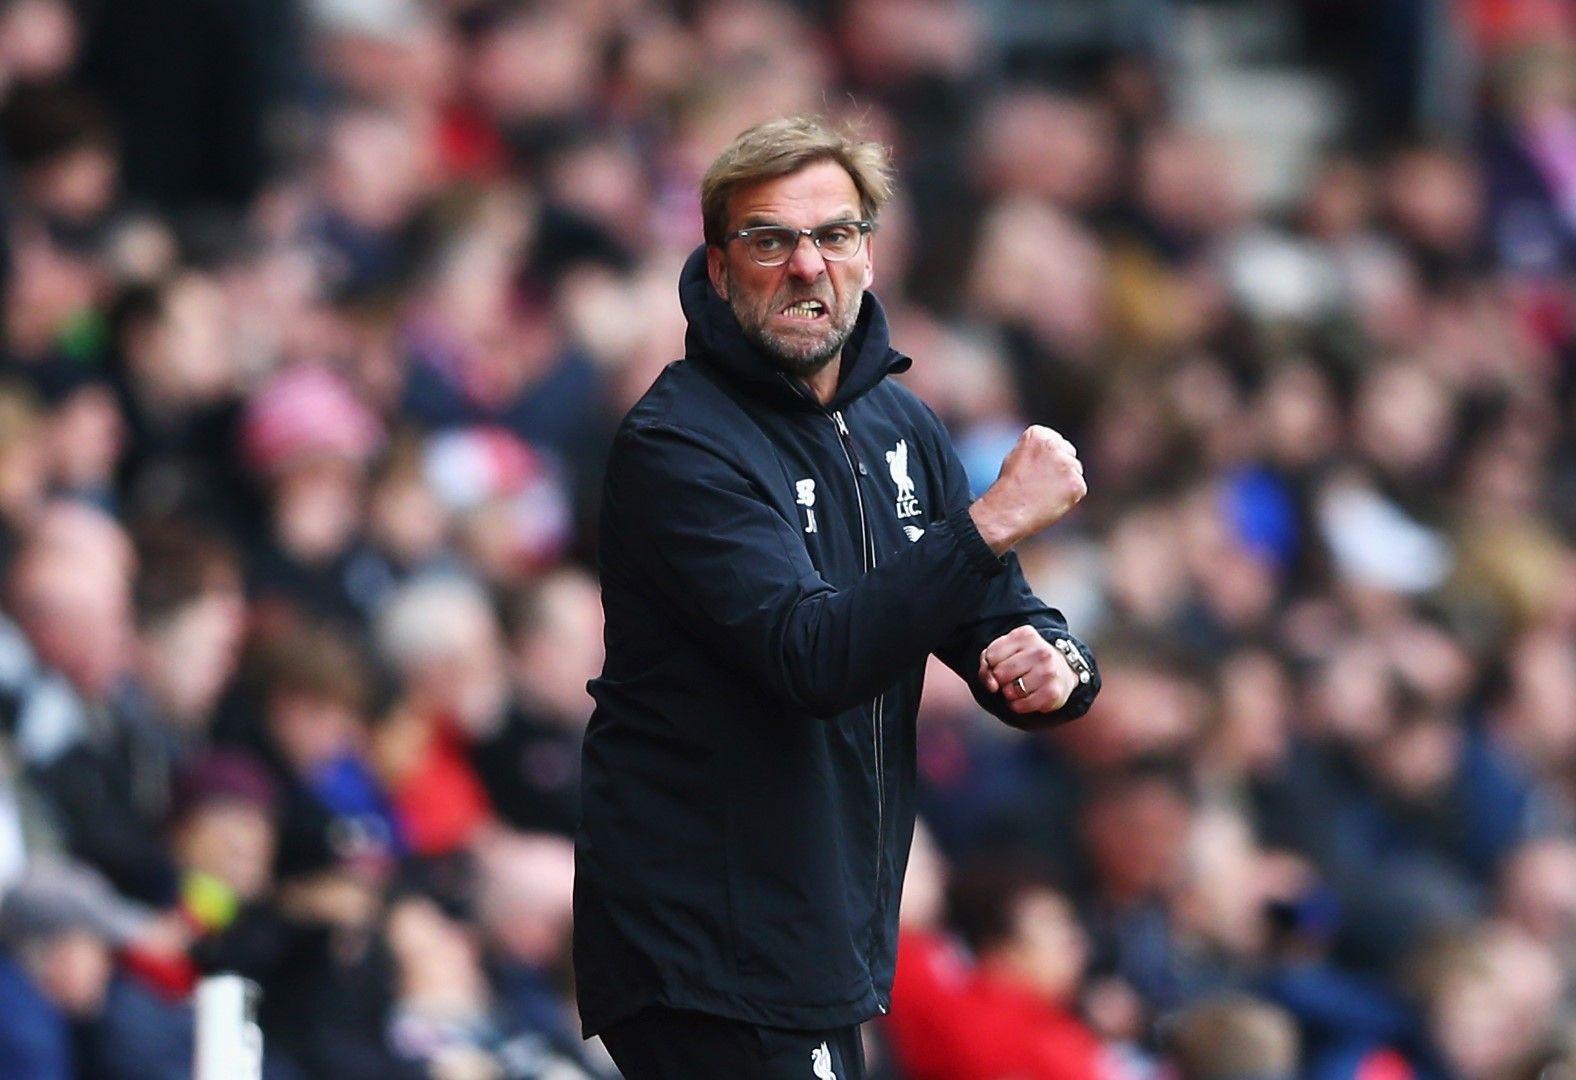 Клоп обаче изпълнява мисията - Ливърпул влиза в топ 4 и се завръща в Шампионската лига от следващия сезон